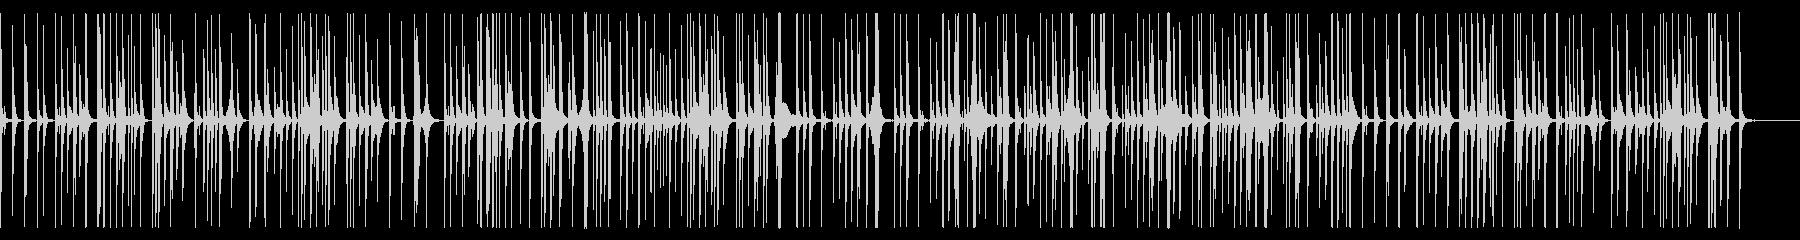 ワイングラスの音で作ったリズムBGMの未再生の波形